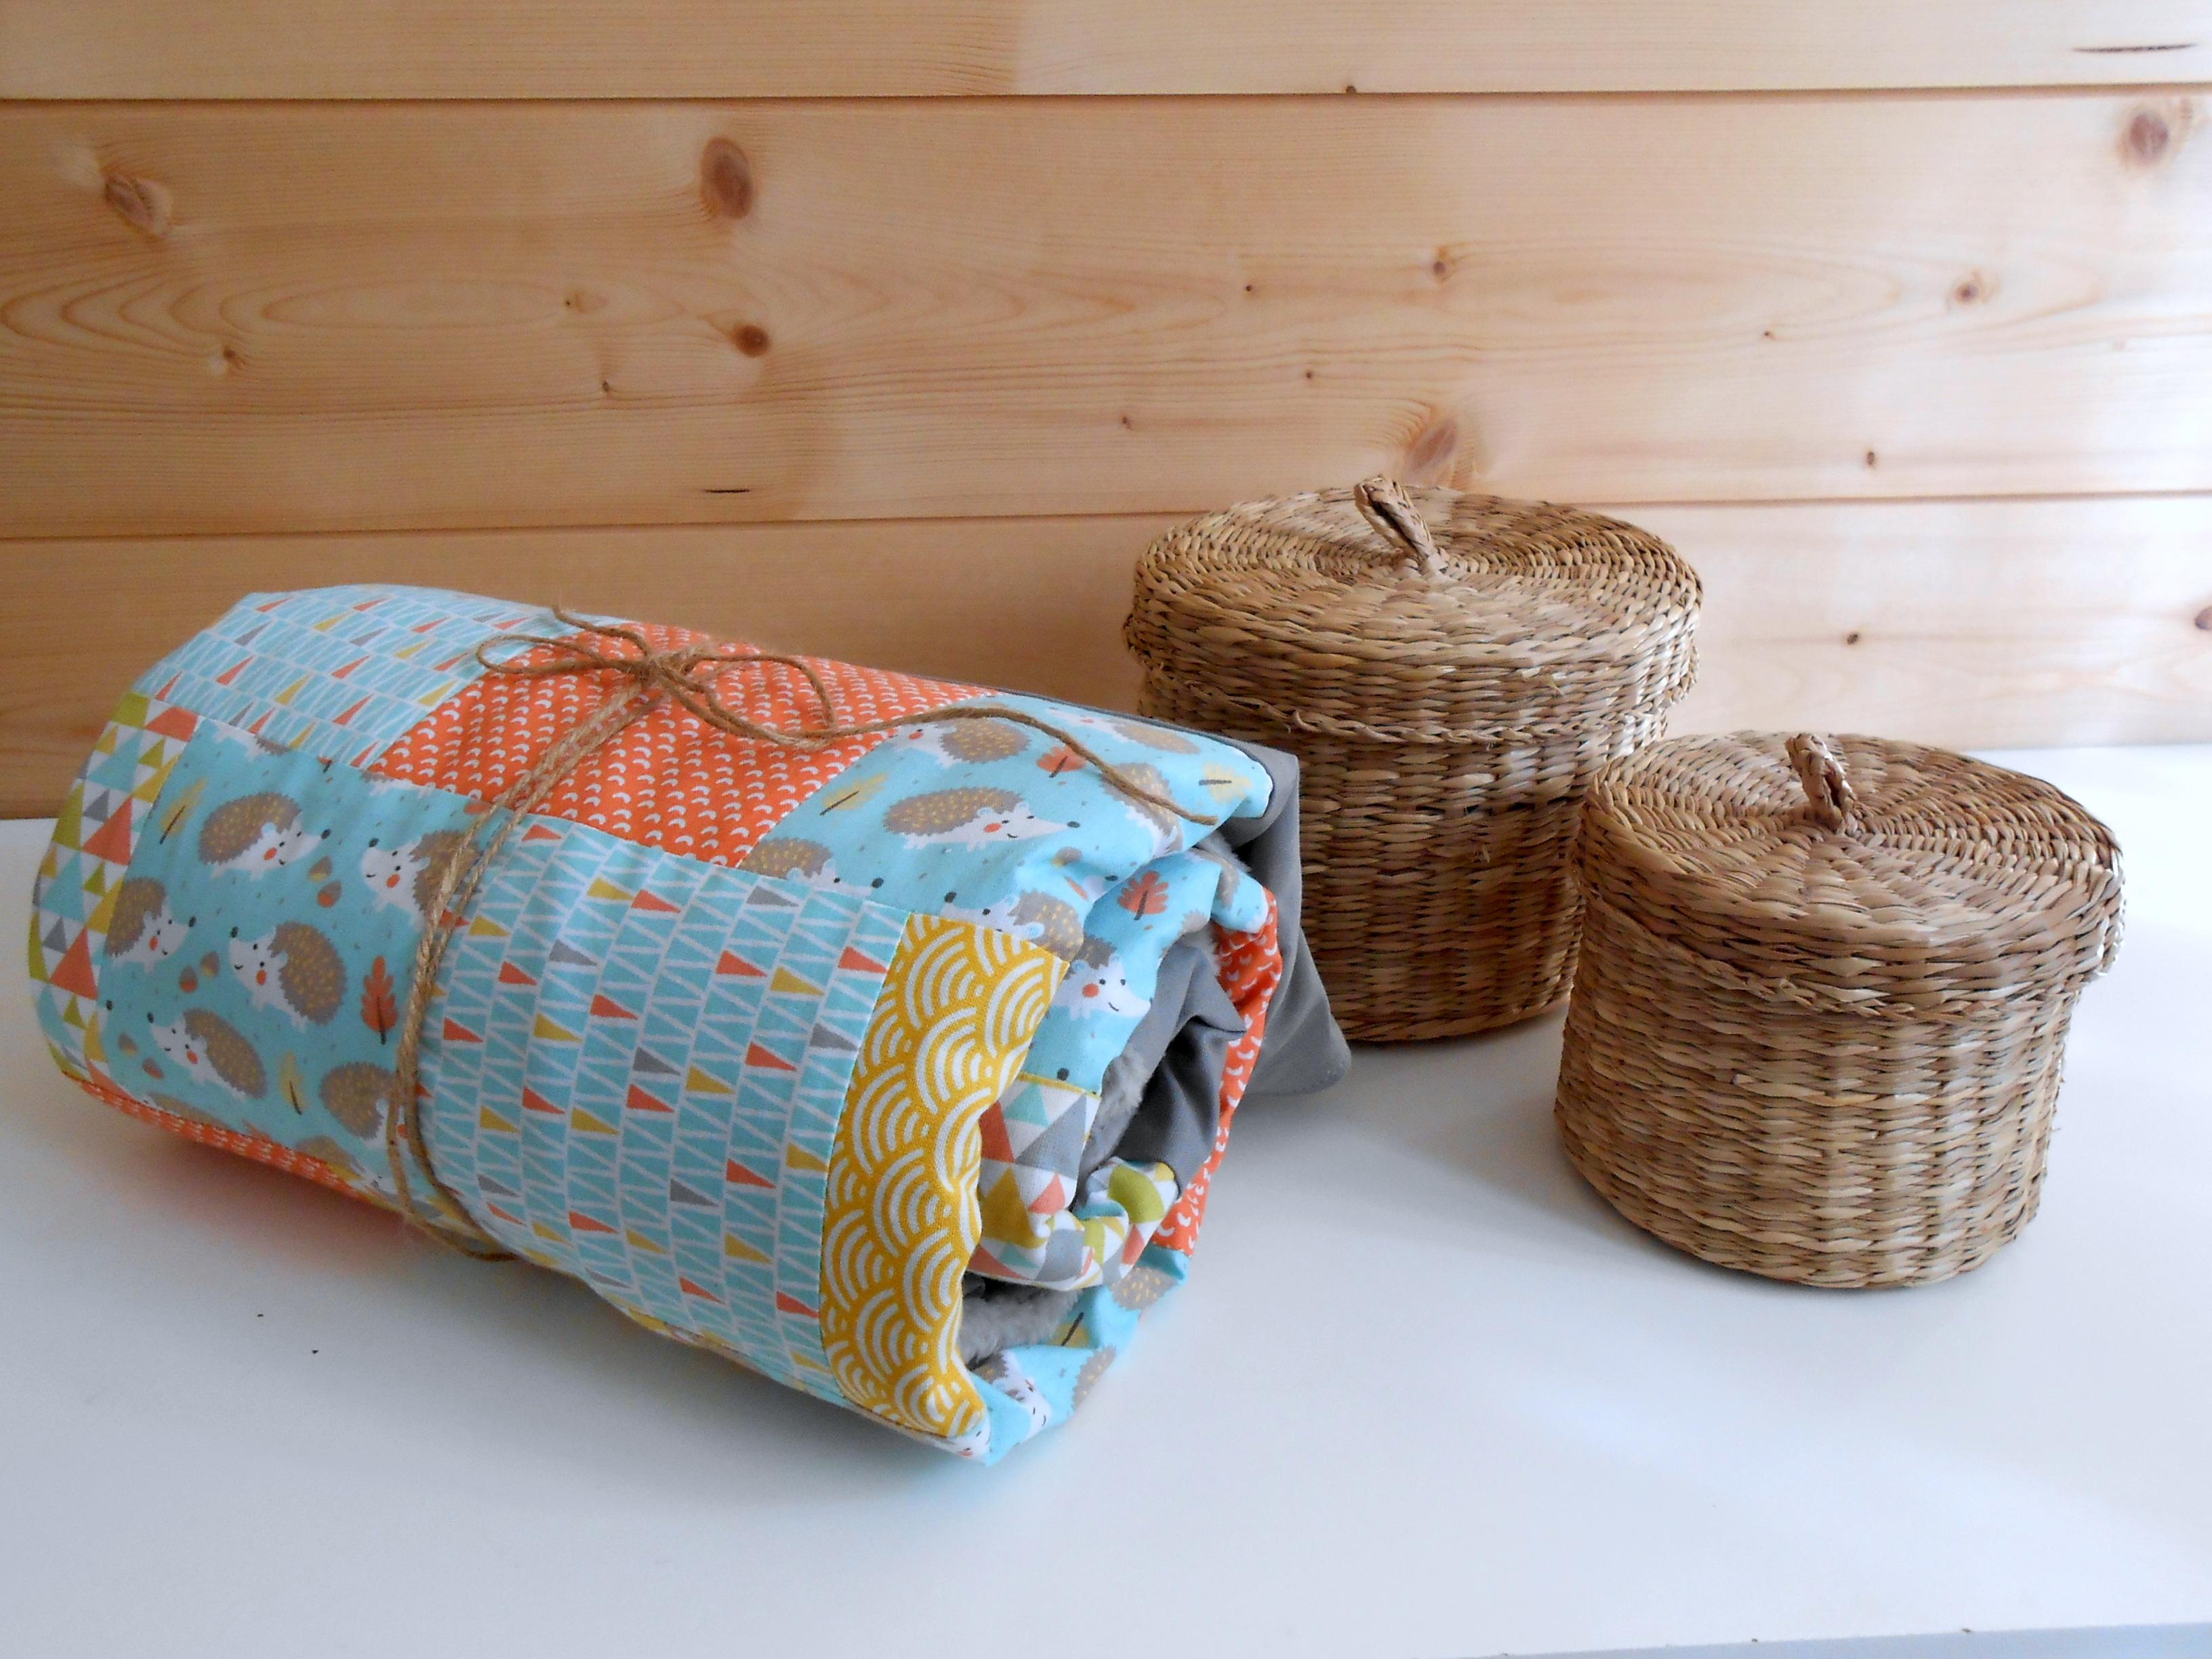 couverture b b patchwork motif h risson et scandinave plaid b b enfant mixte accessoires. Black Bedroom Furniture Sets. Home Design Ideas